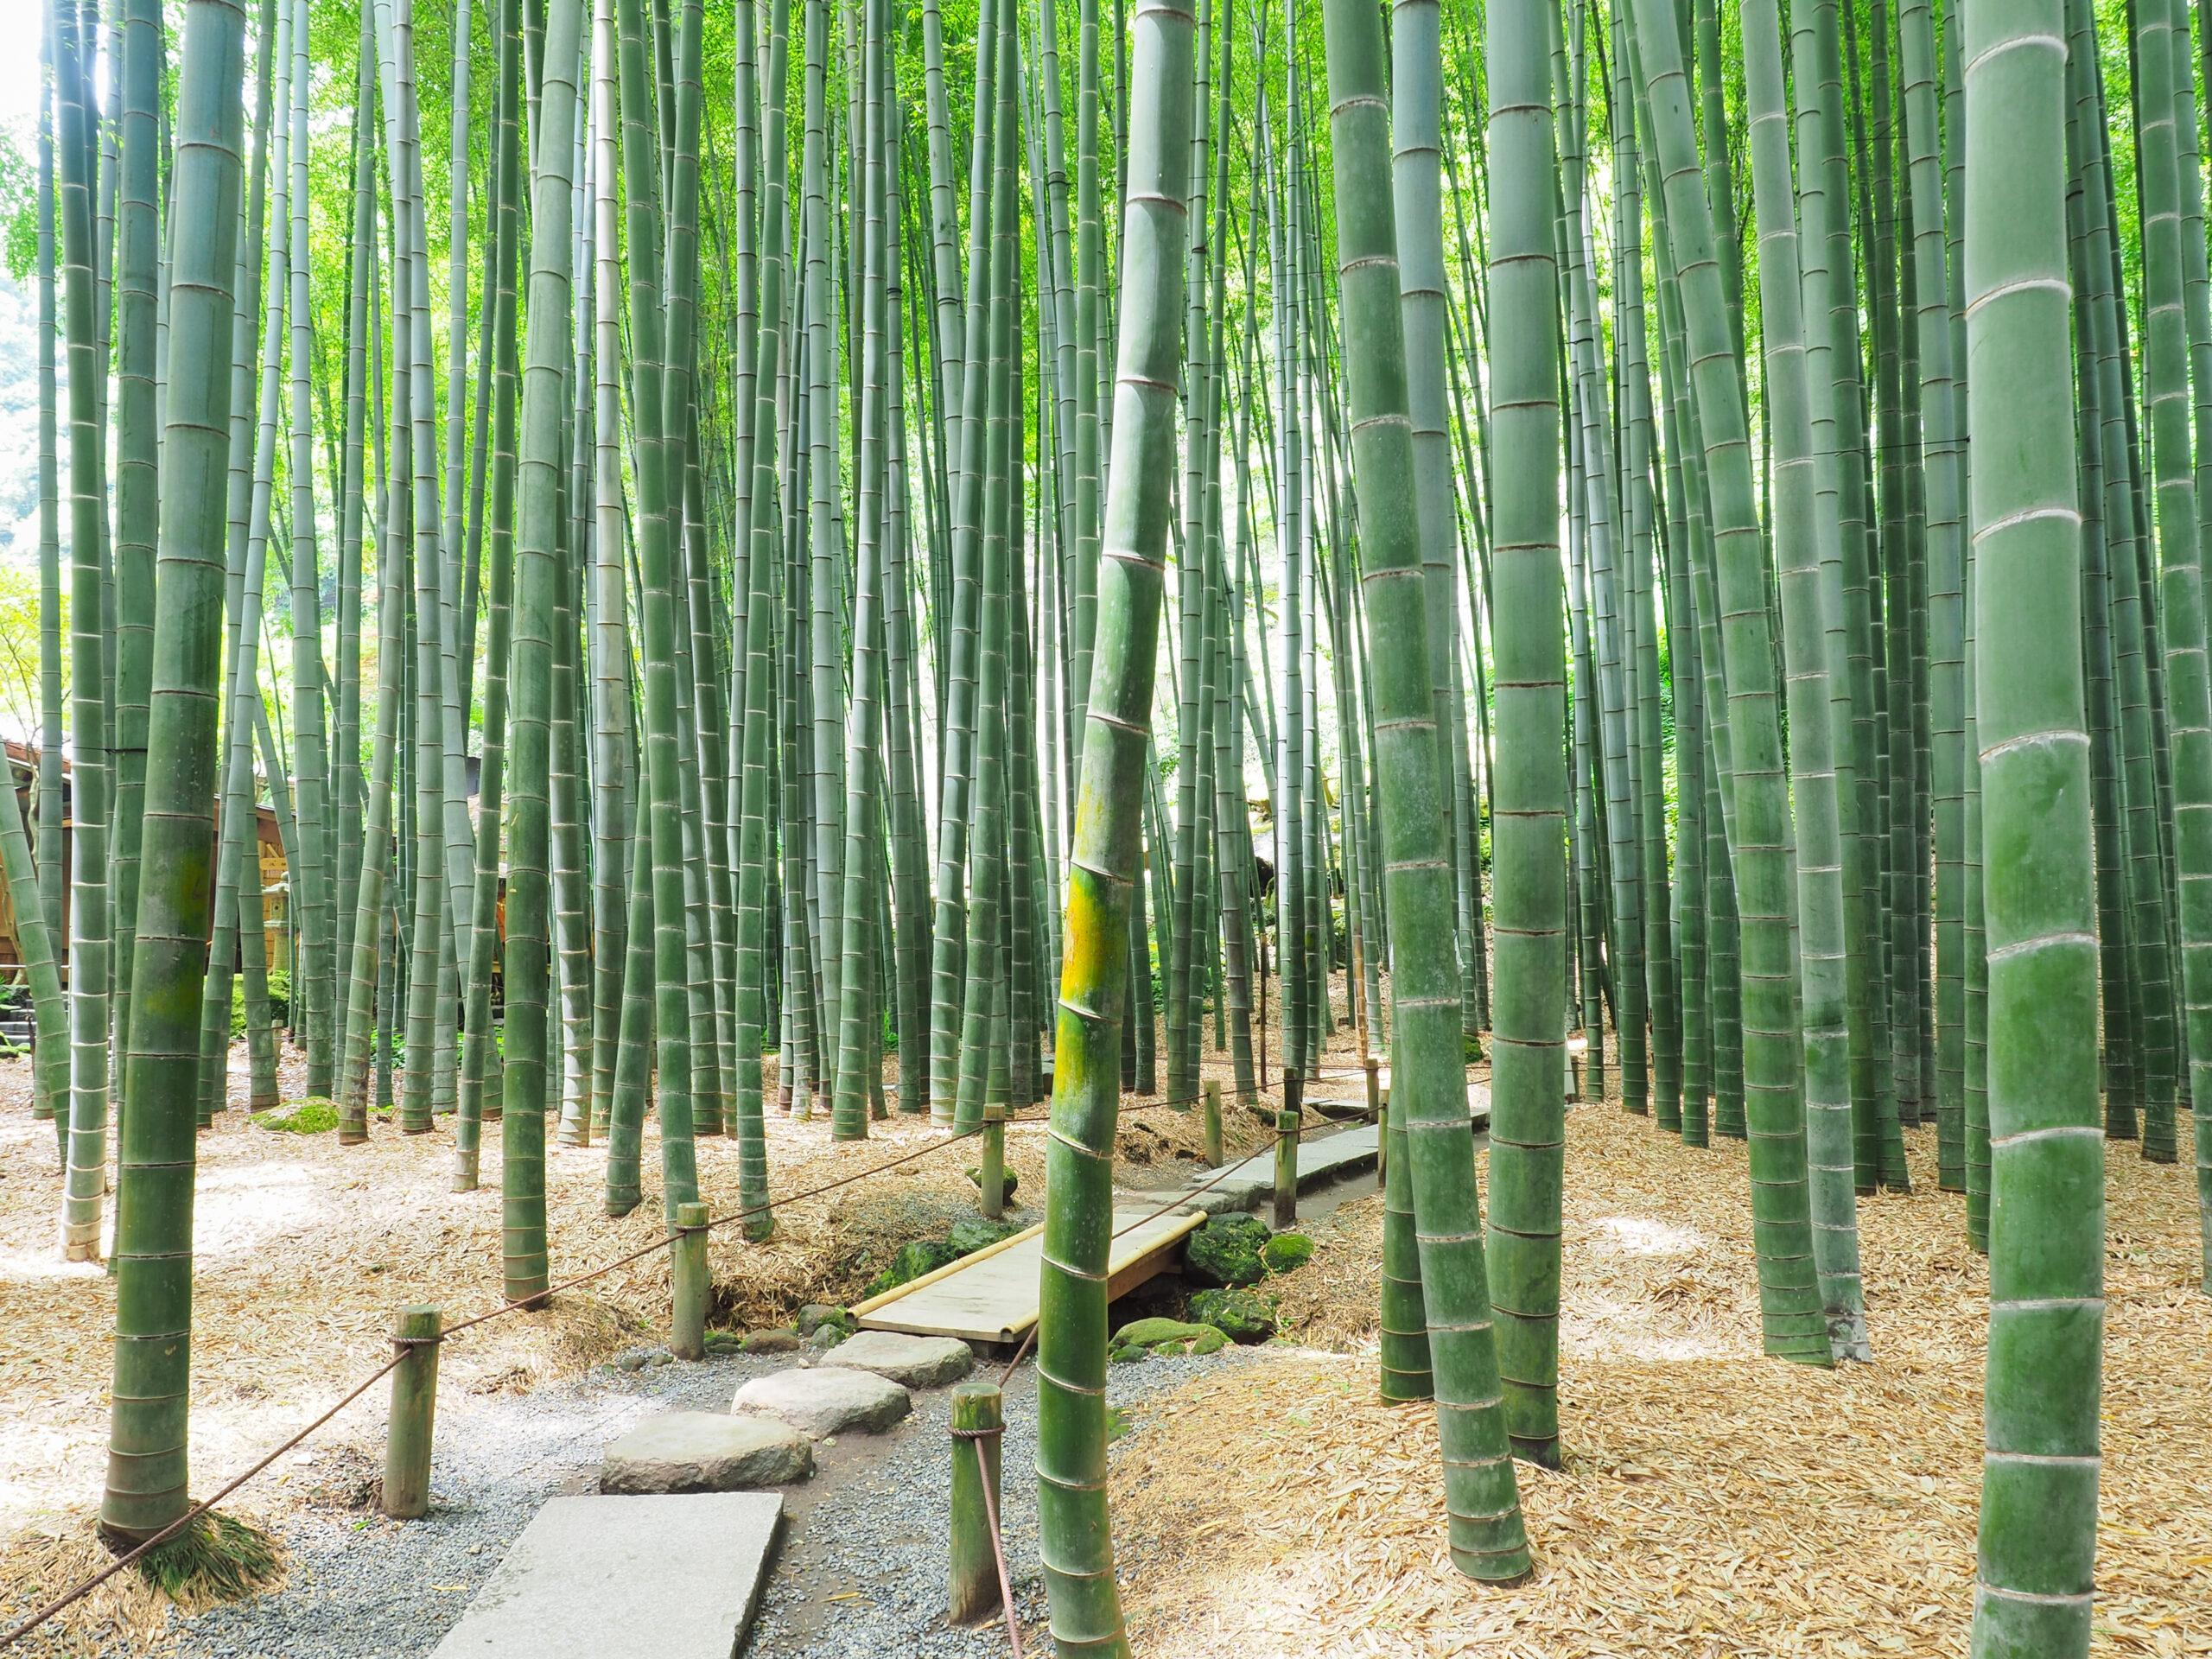 報国寺の竹の庭を満喫して